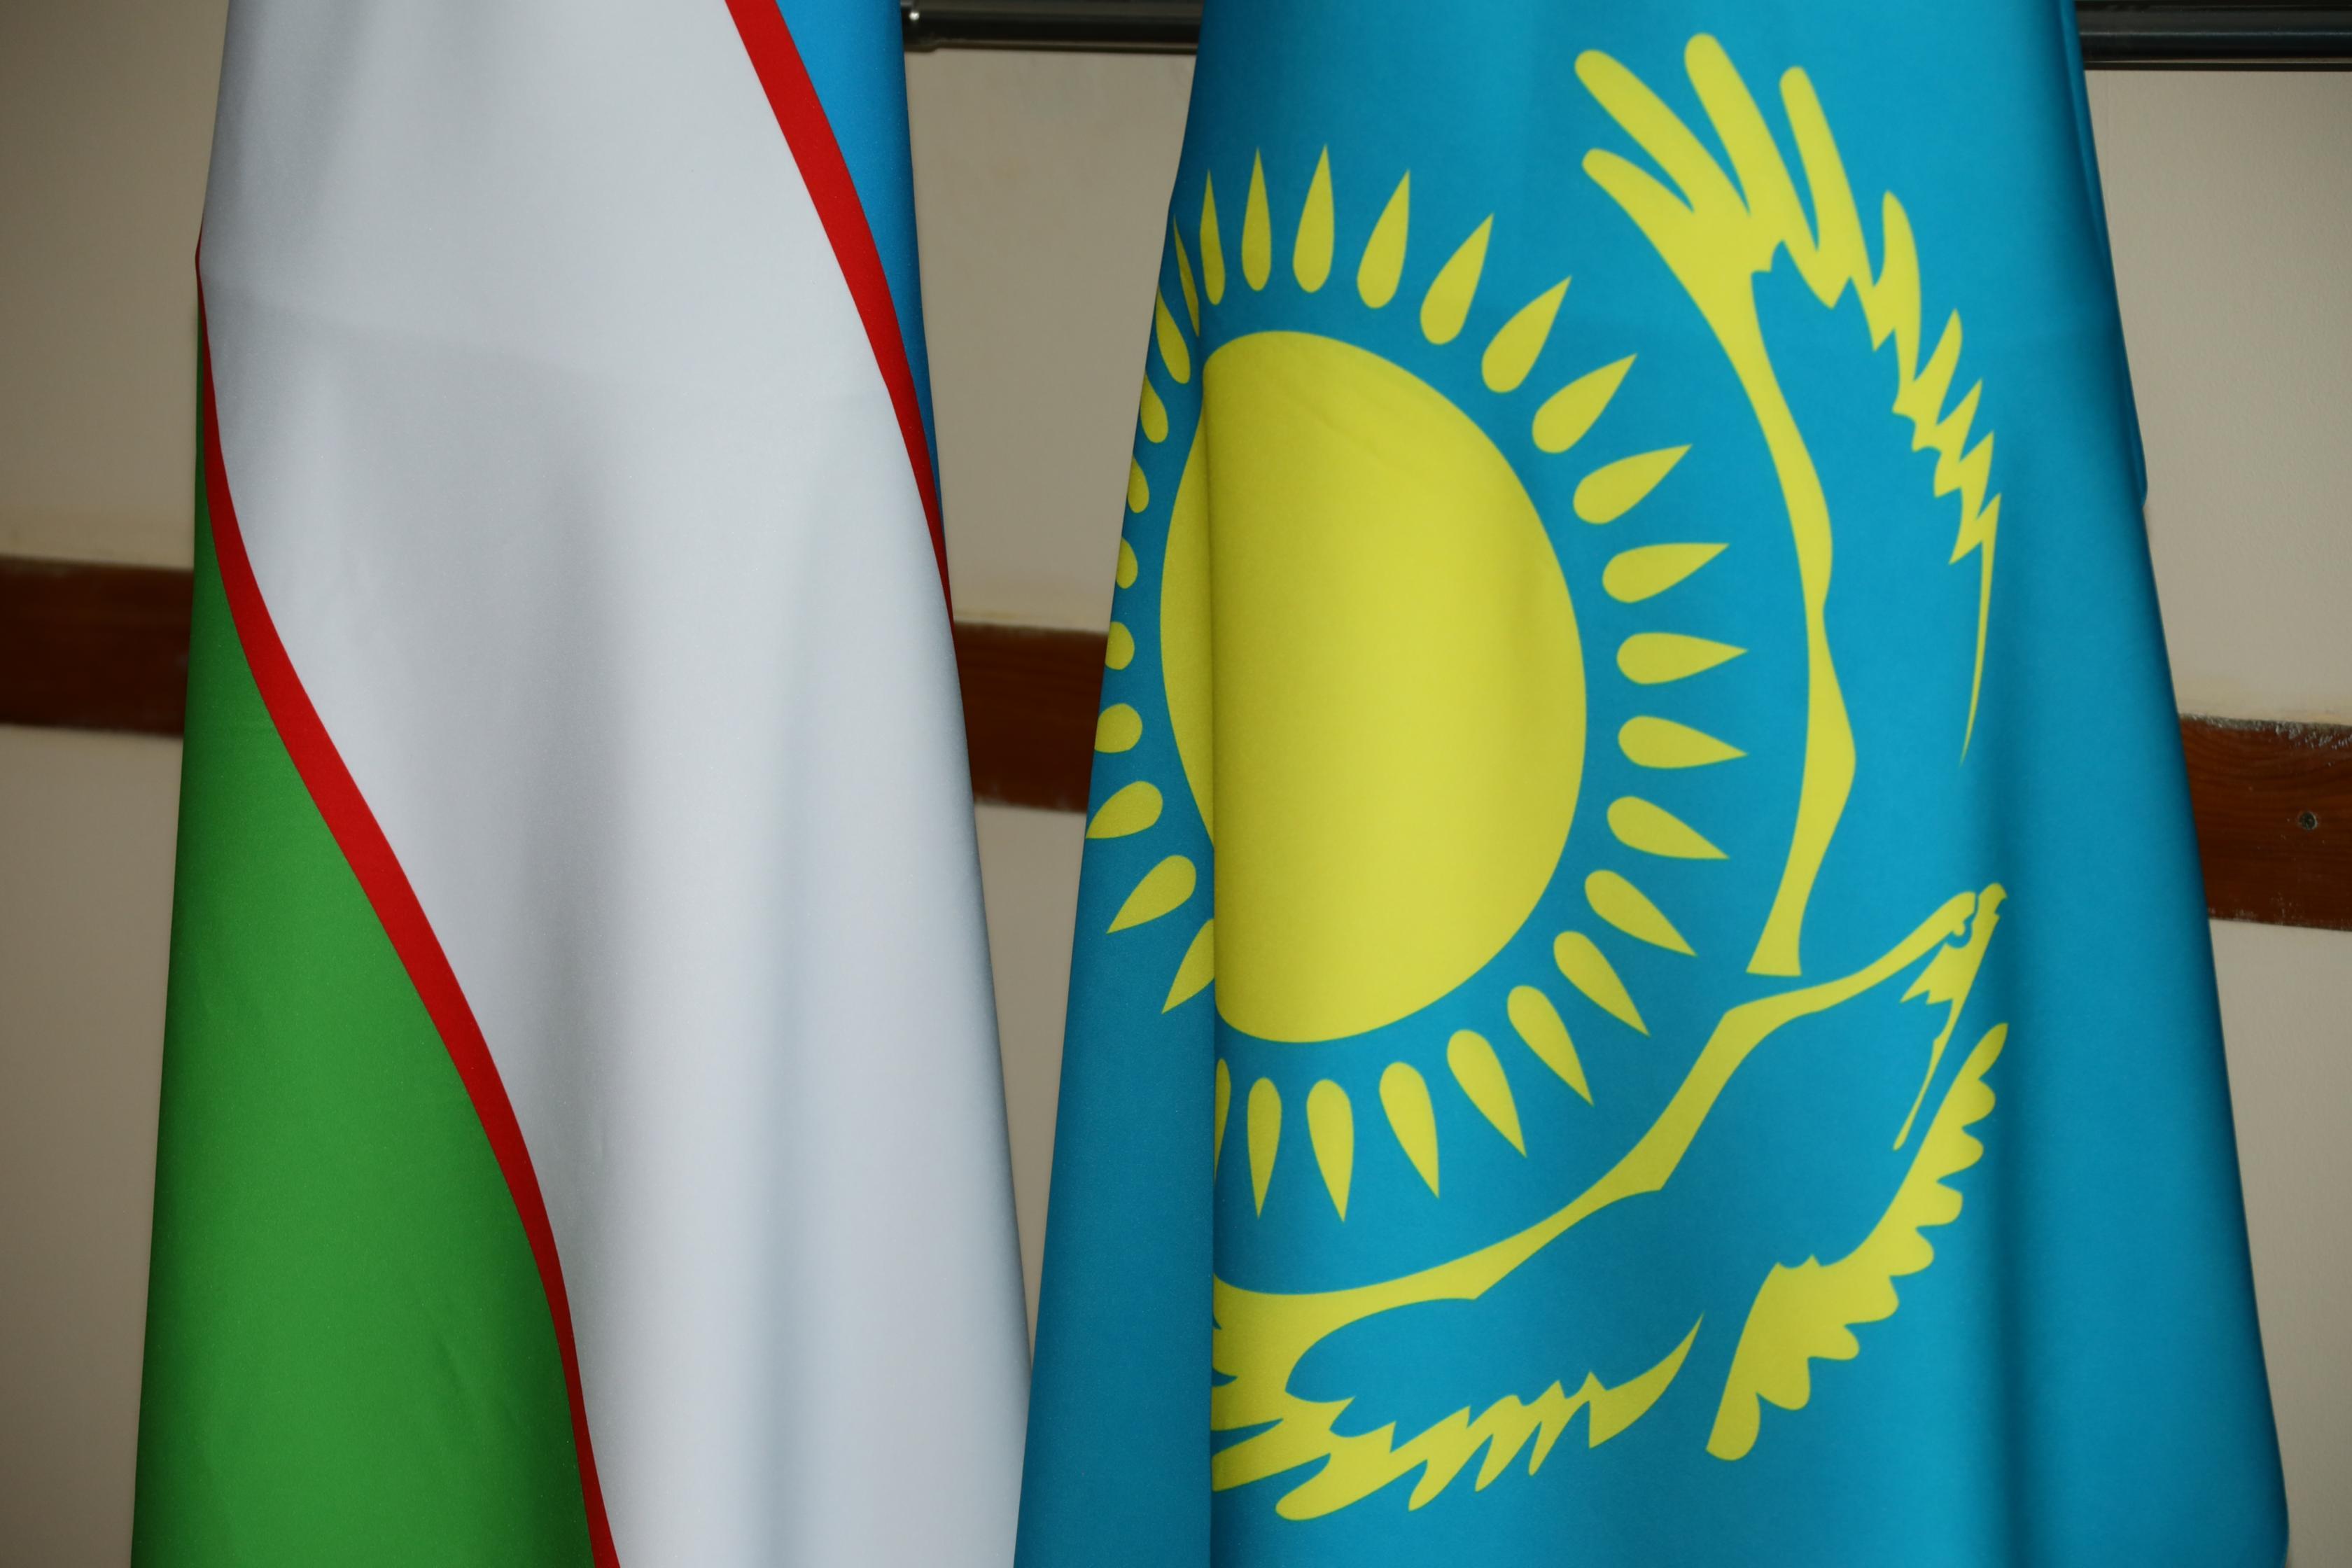 Когда состоится первый форум межрегионального сотрудничества Казахстана и Узбекистана , Форум межрегионального сотрудничества, Казахстан, Узбекистан